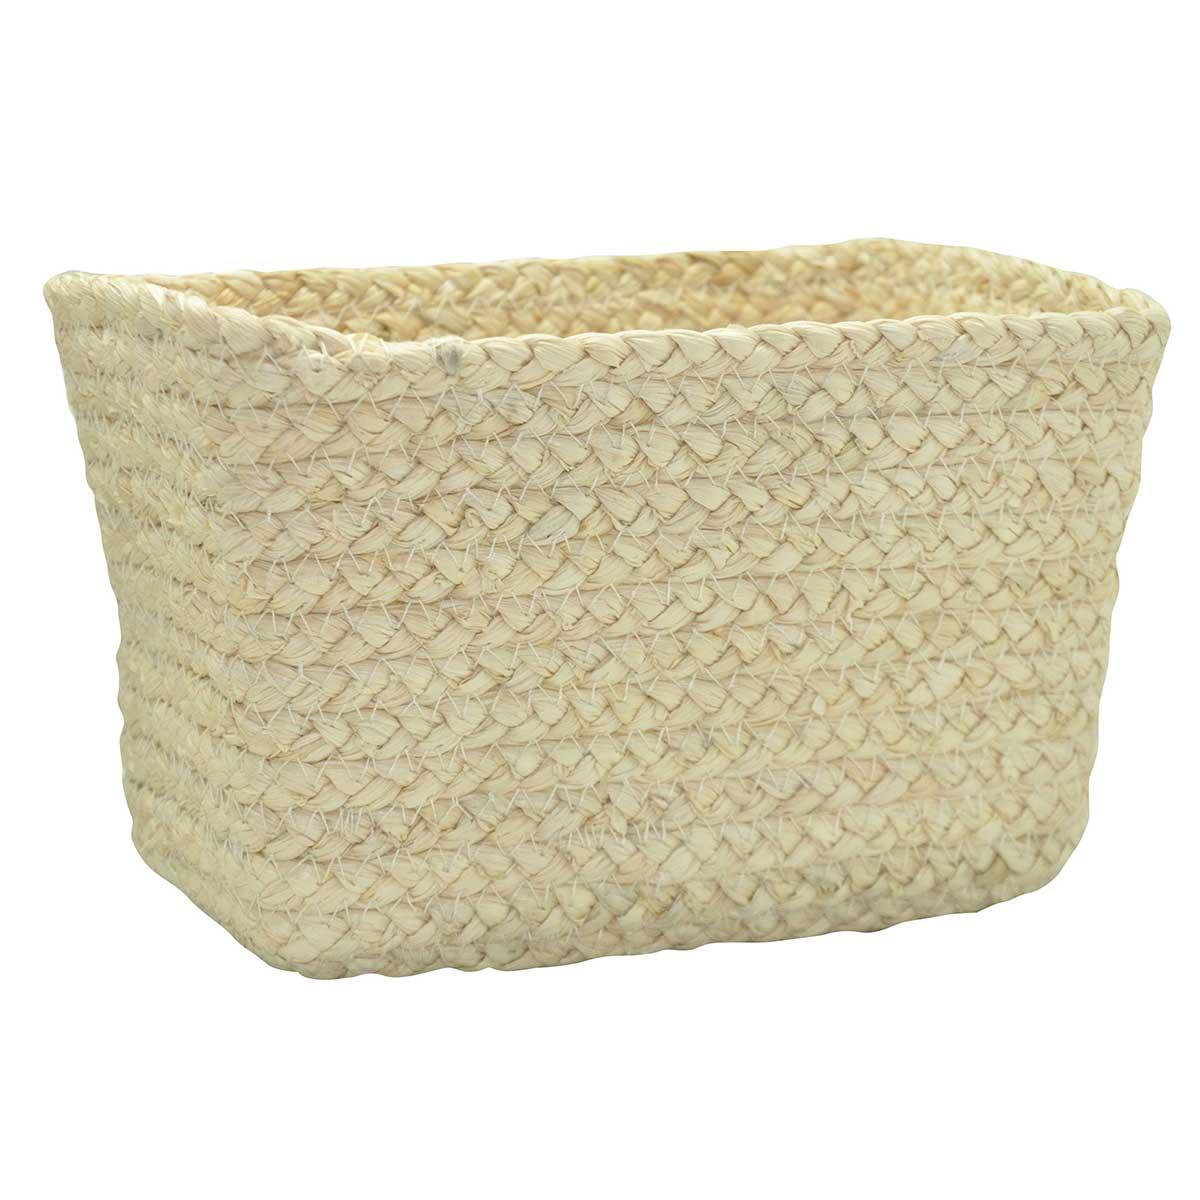 Panier rectangulaire en fibre de mais beige